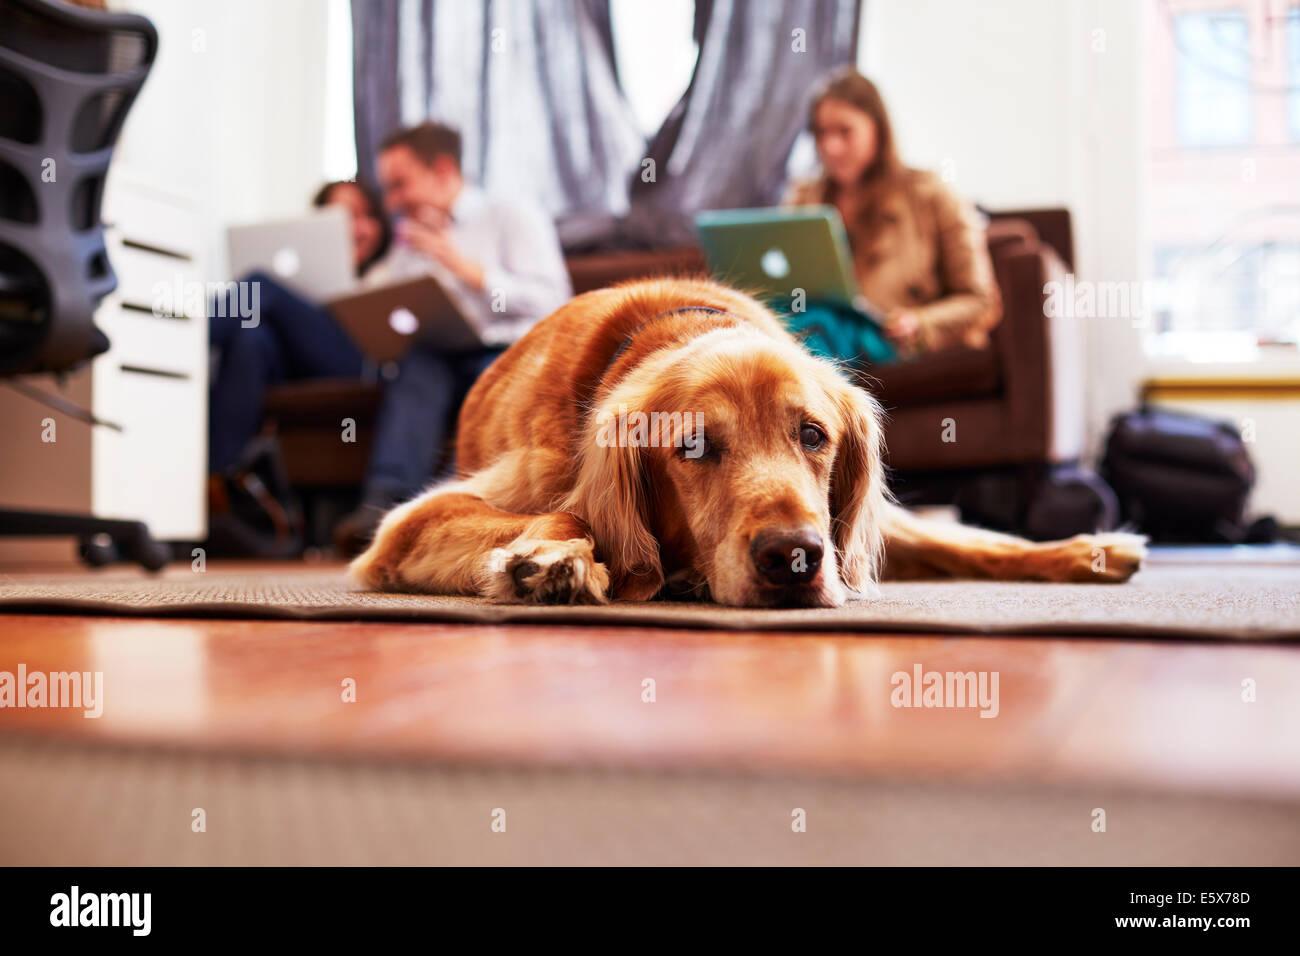 Porträt von gelangweilter Hund liegend auf Teppich, Leute auf Laptops im Hintergrund Stockbild